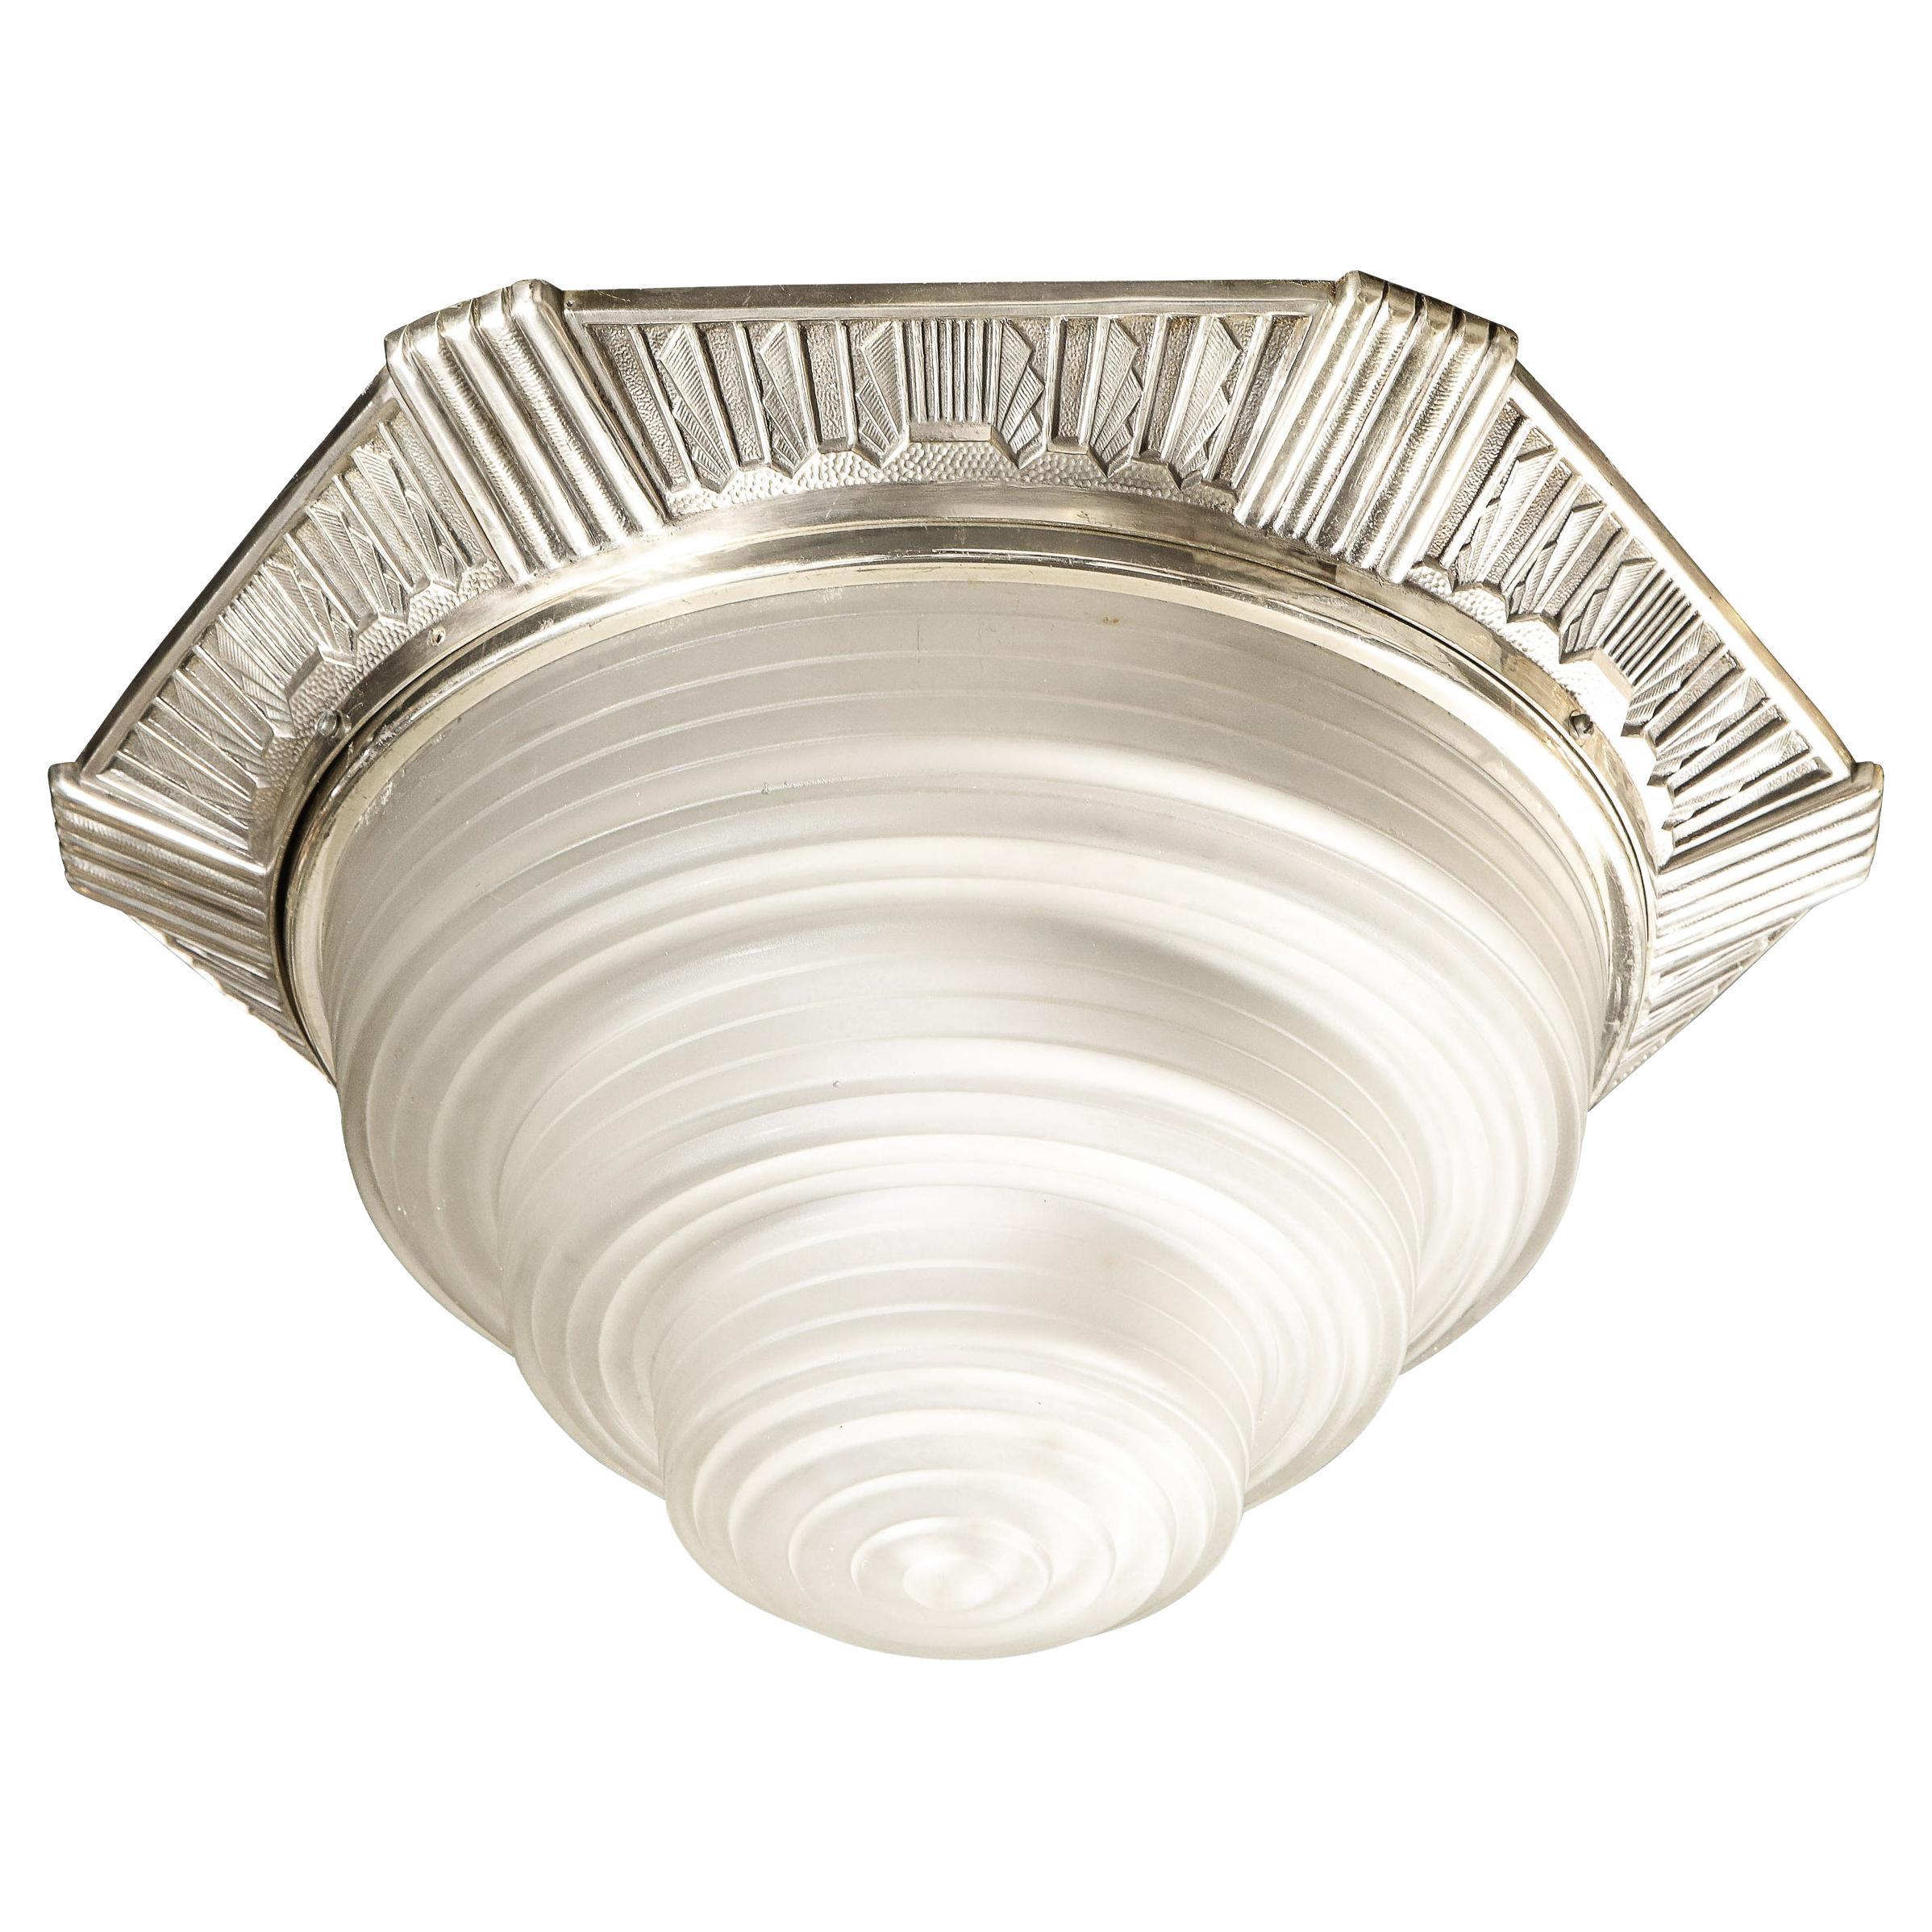 Art Deco Skyscraper Style Silvered Bronze & Channeled Glass Semi Flush Mount